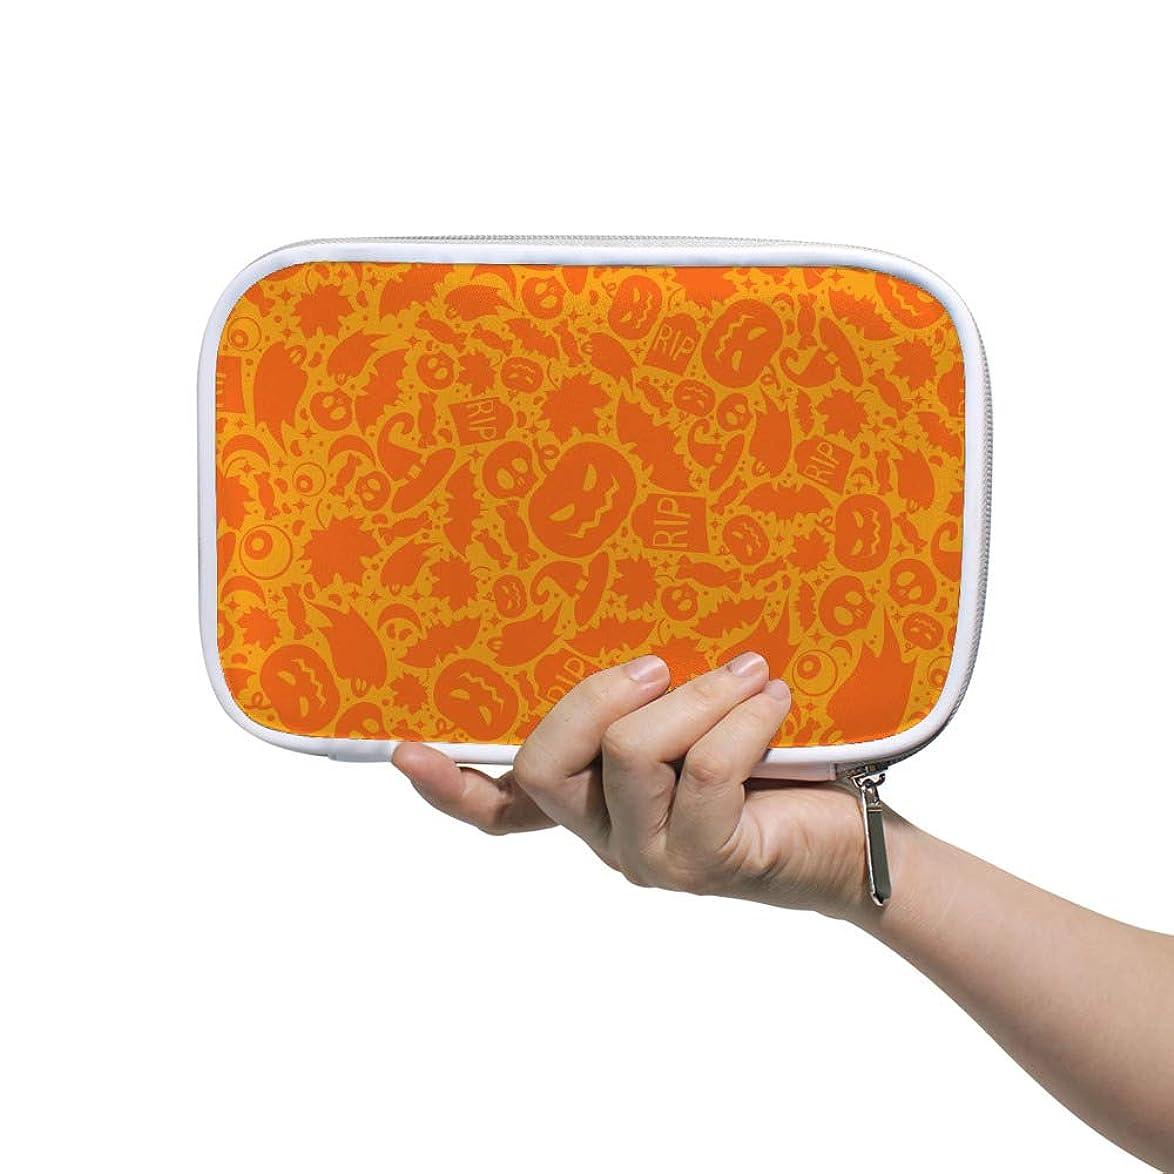 ゴミ箱違反する集めるZHIMI 化粧ポーチ メイクポーチ レディース コンパクト 柔らかい おしゃれ コスメケース 化粧品収納バッグ ハロウィン雰囲気 機能的 防水 軽量 小物入れ 出張 海外旅行グッズ パスポートケースとしても適用